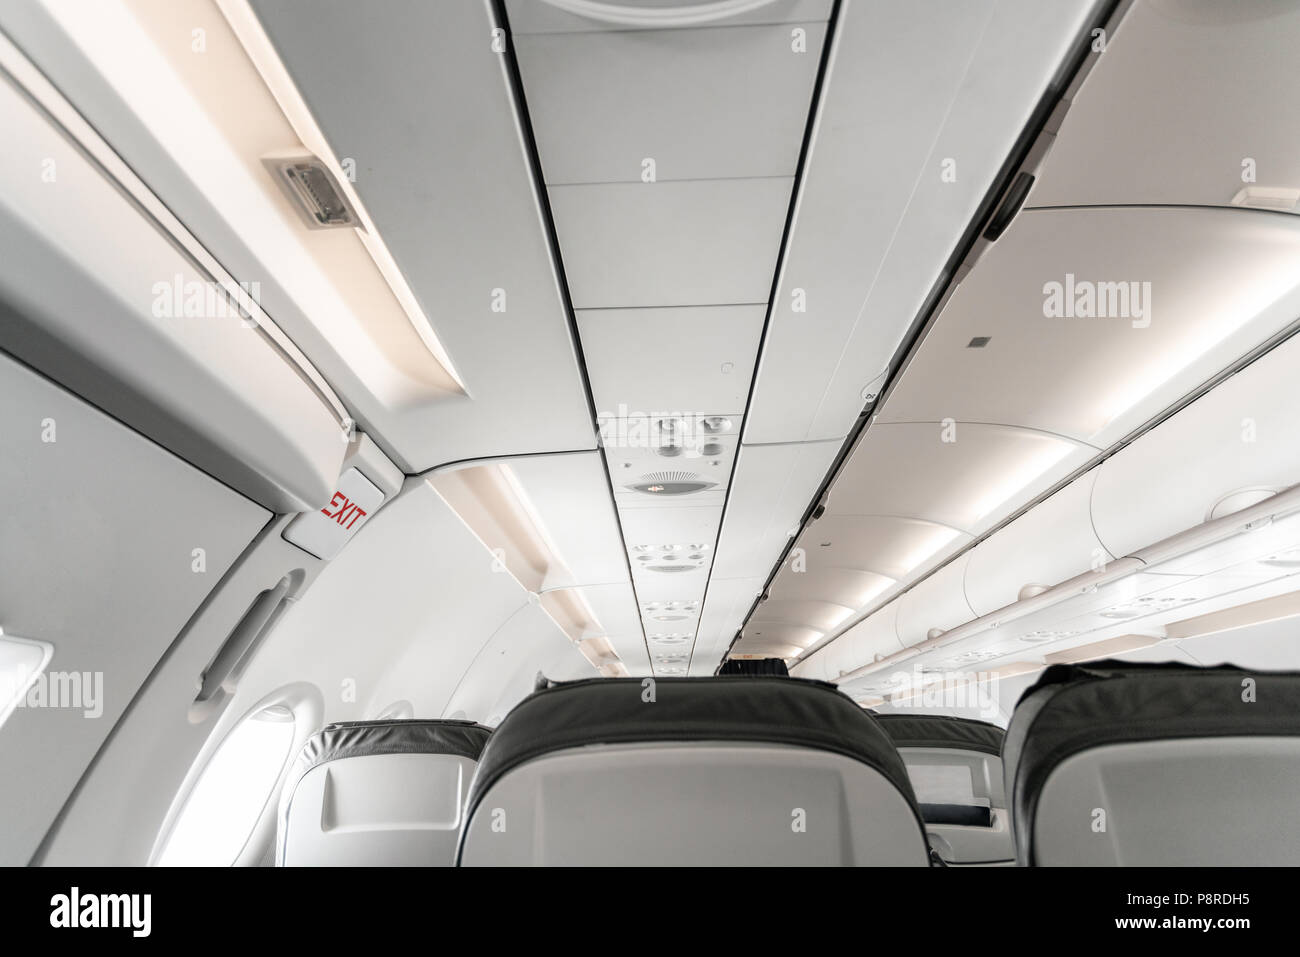 La sortie d'urgence sur un avion, vue depuis l'intérieur de l'avion. Sièges d'avion vide dans la cabine. Concept de transport moderne. Avion vol international longue distance Banque D'Images